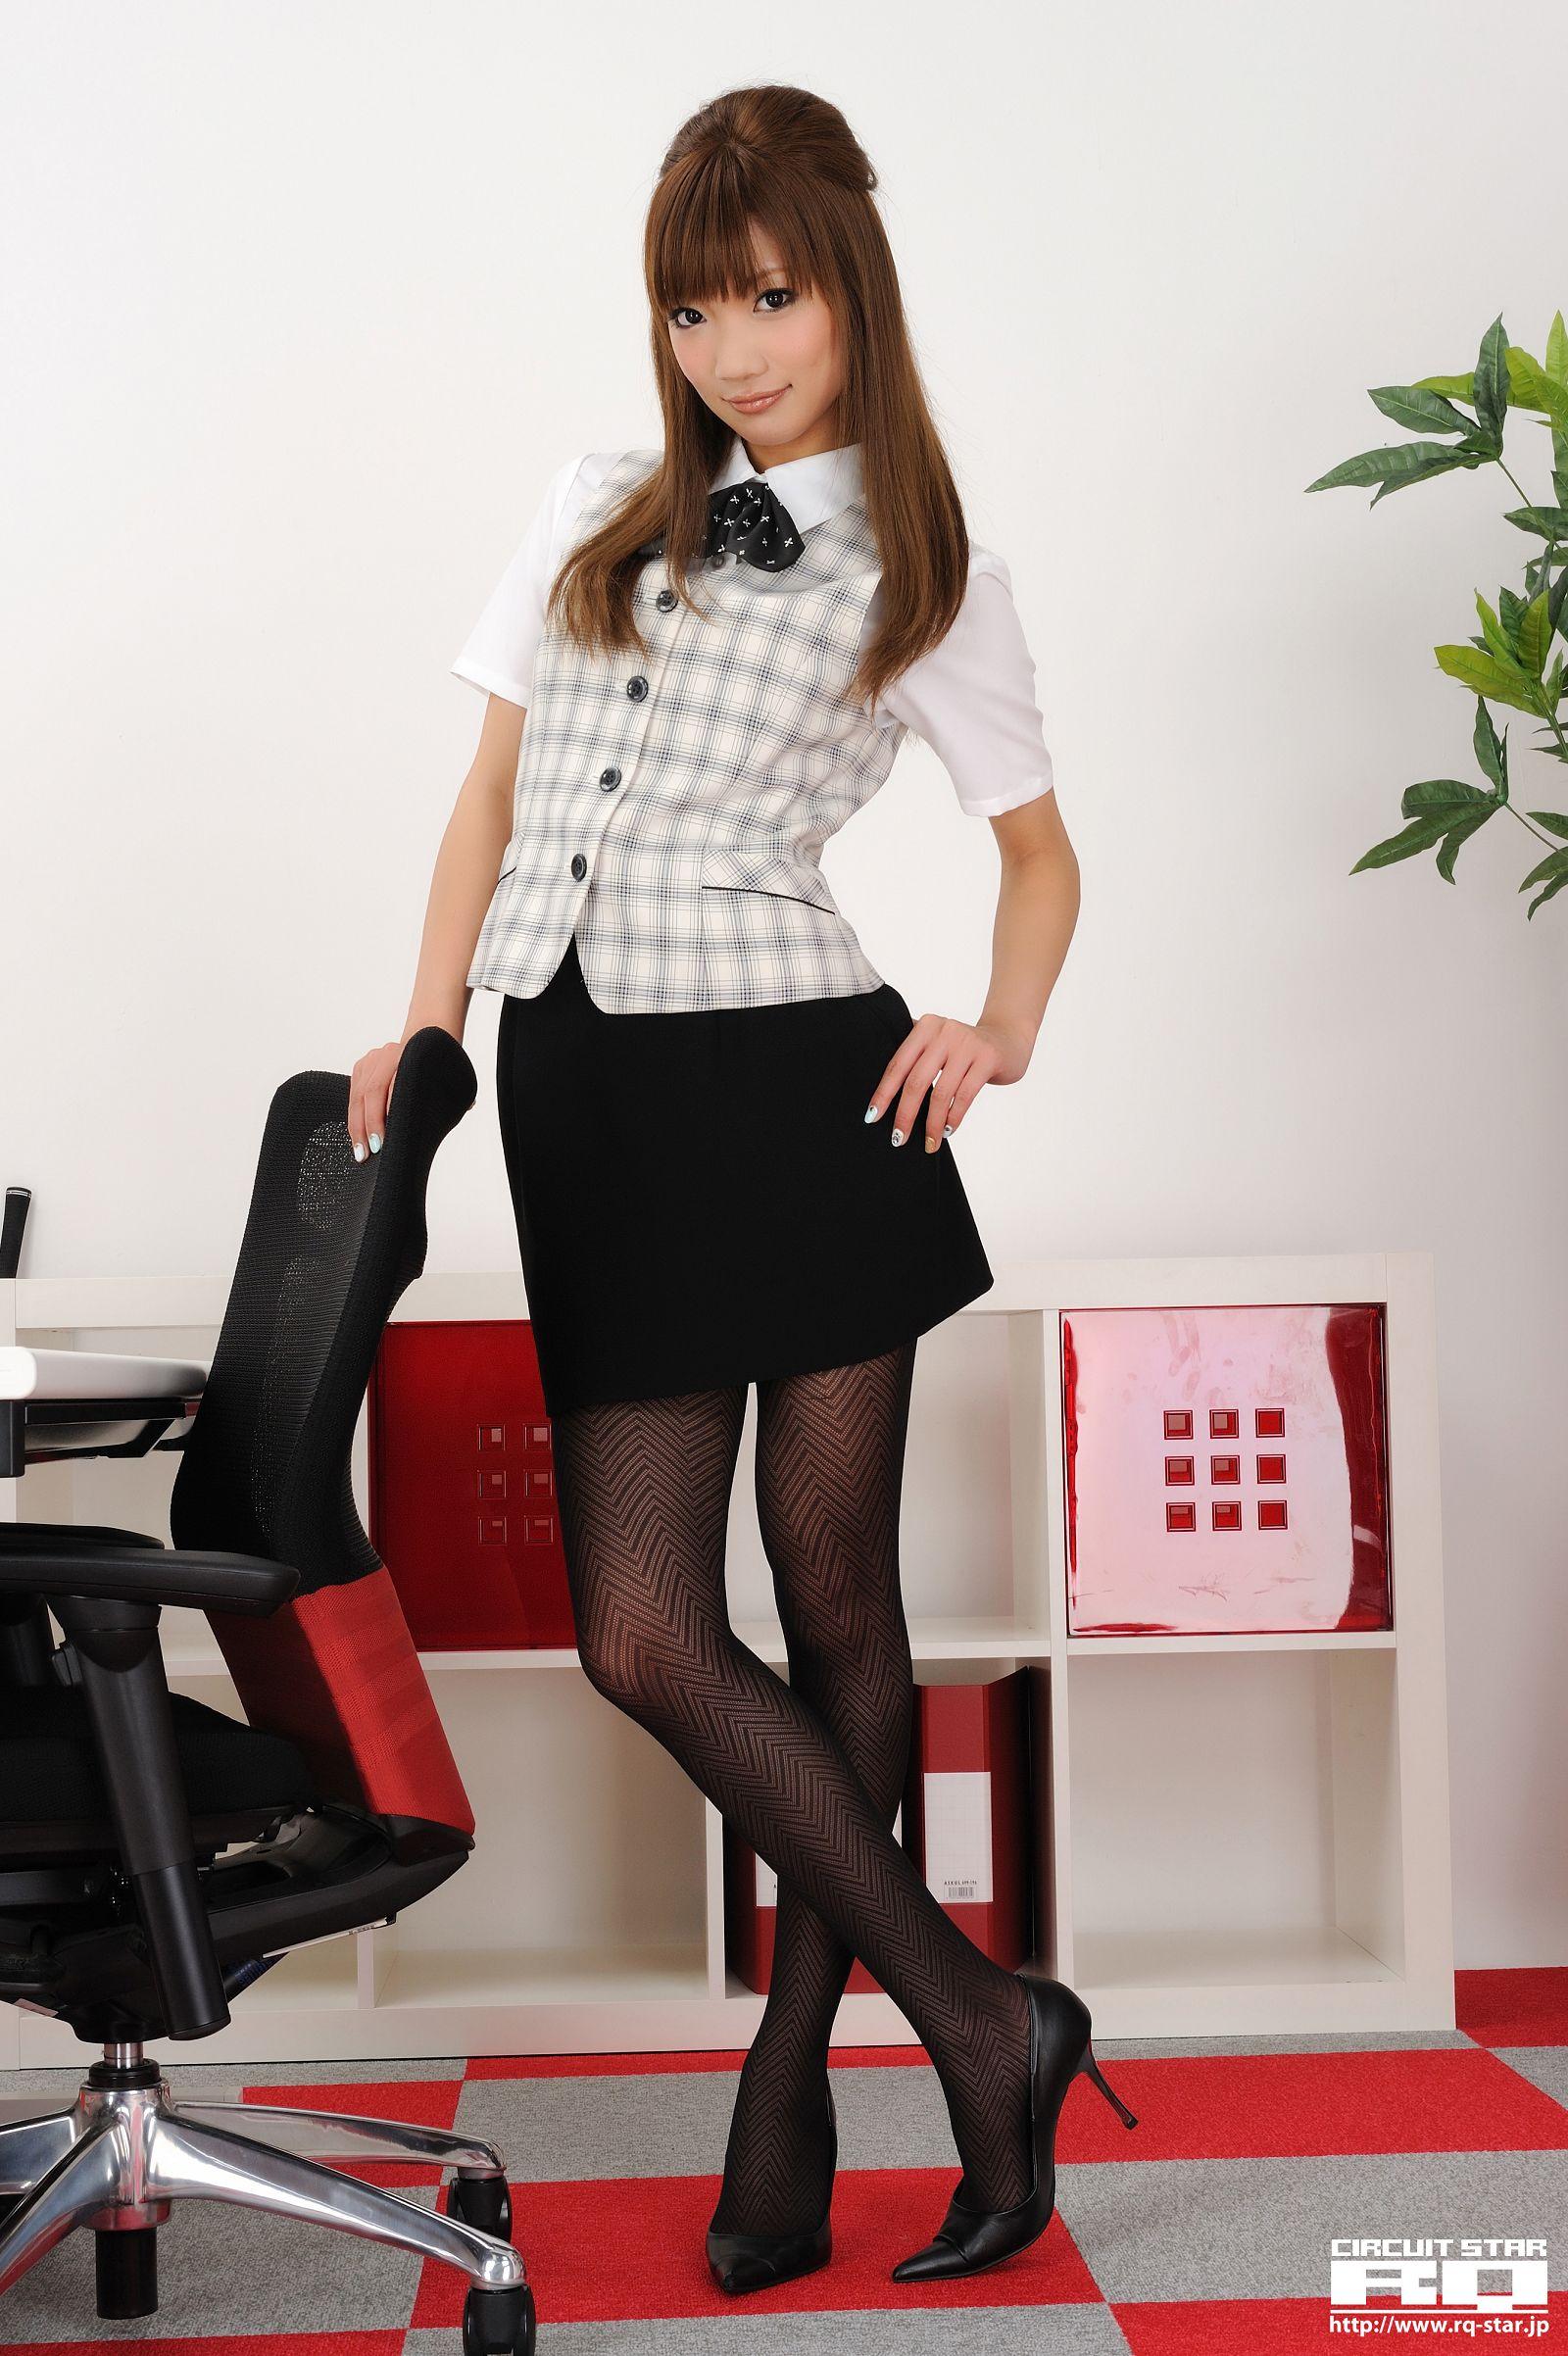 [RQ STAR美女] NO.0313 Junko Maya 真野淳子 Office Lady[60P] RQ STAR 第1张